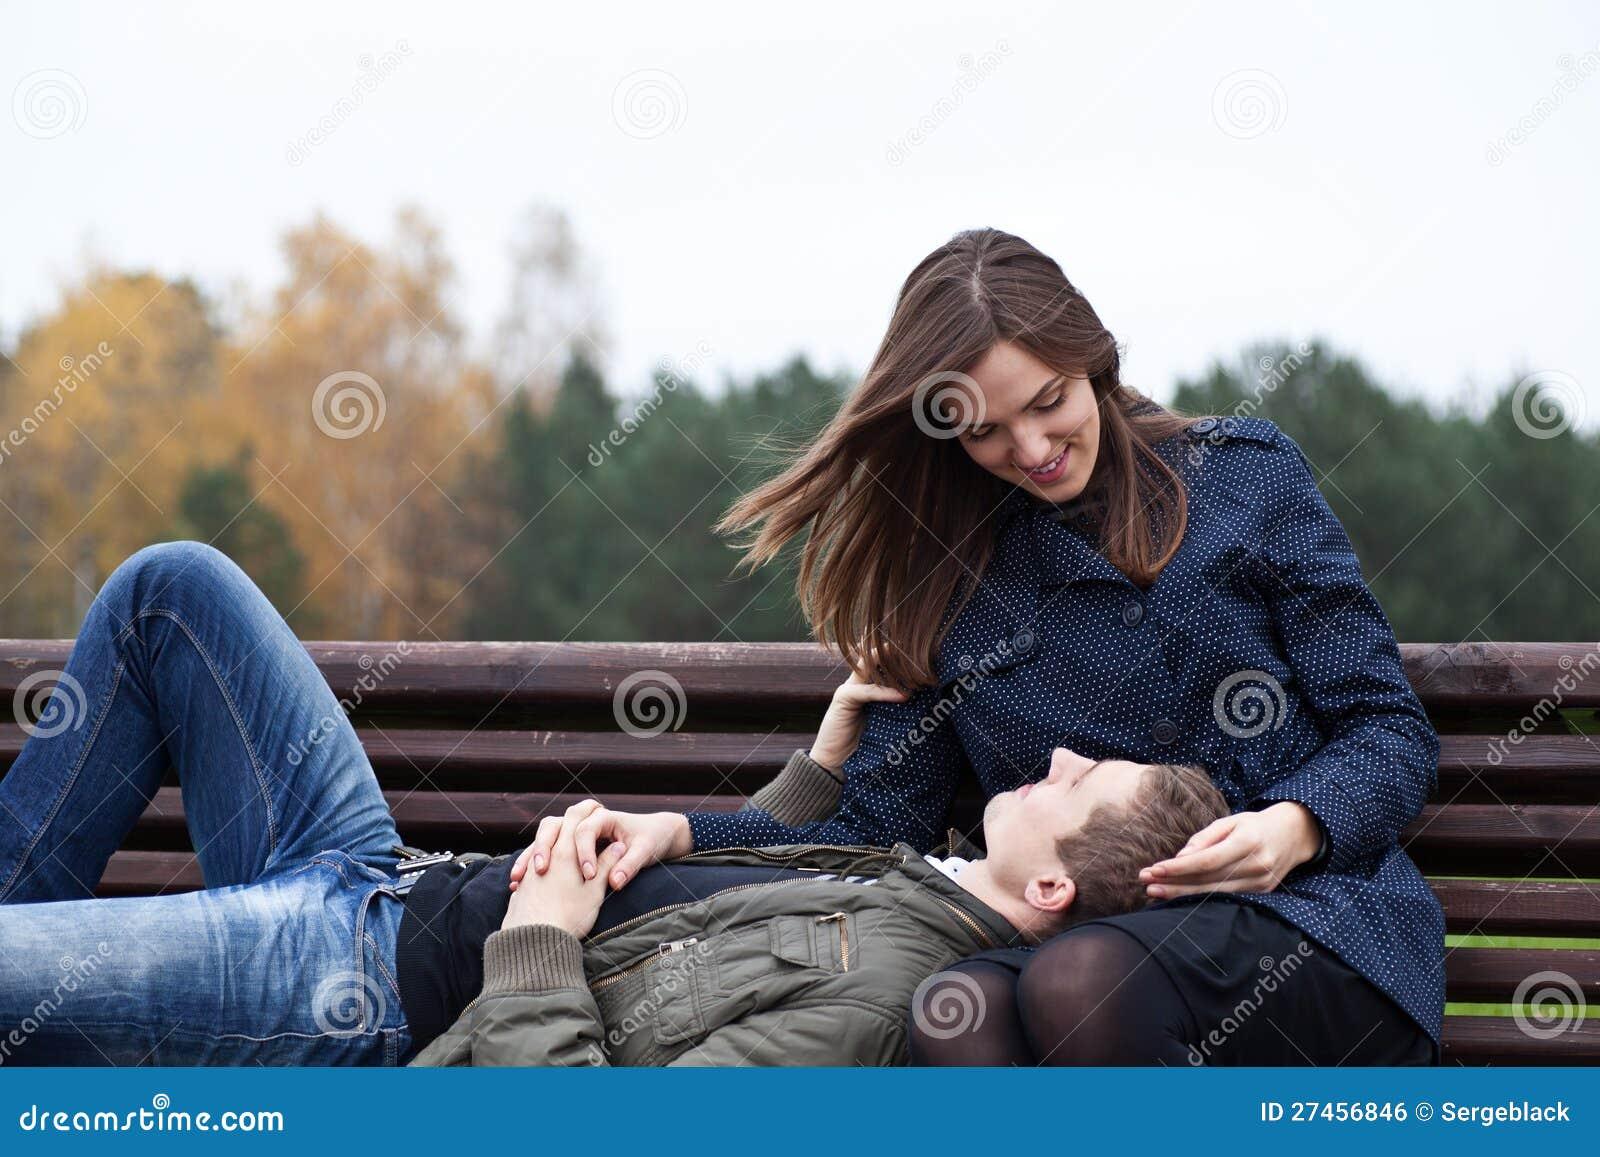 комфорт даже сонник положить голову на колени мужчине термобелье отличается